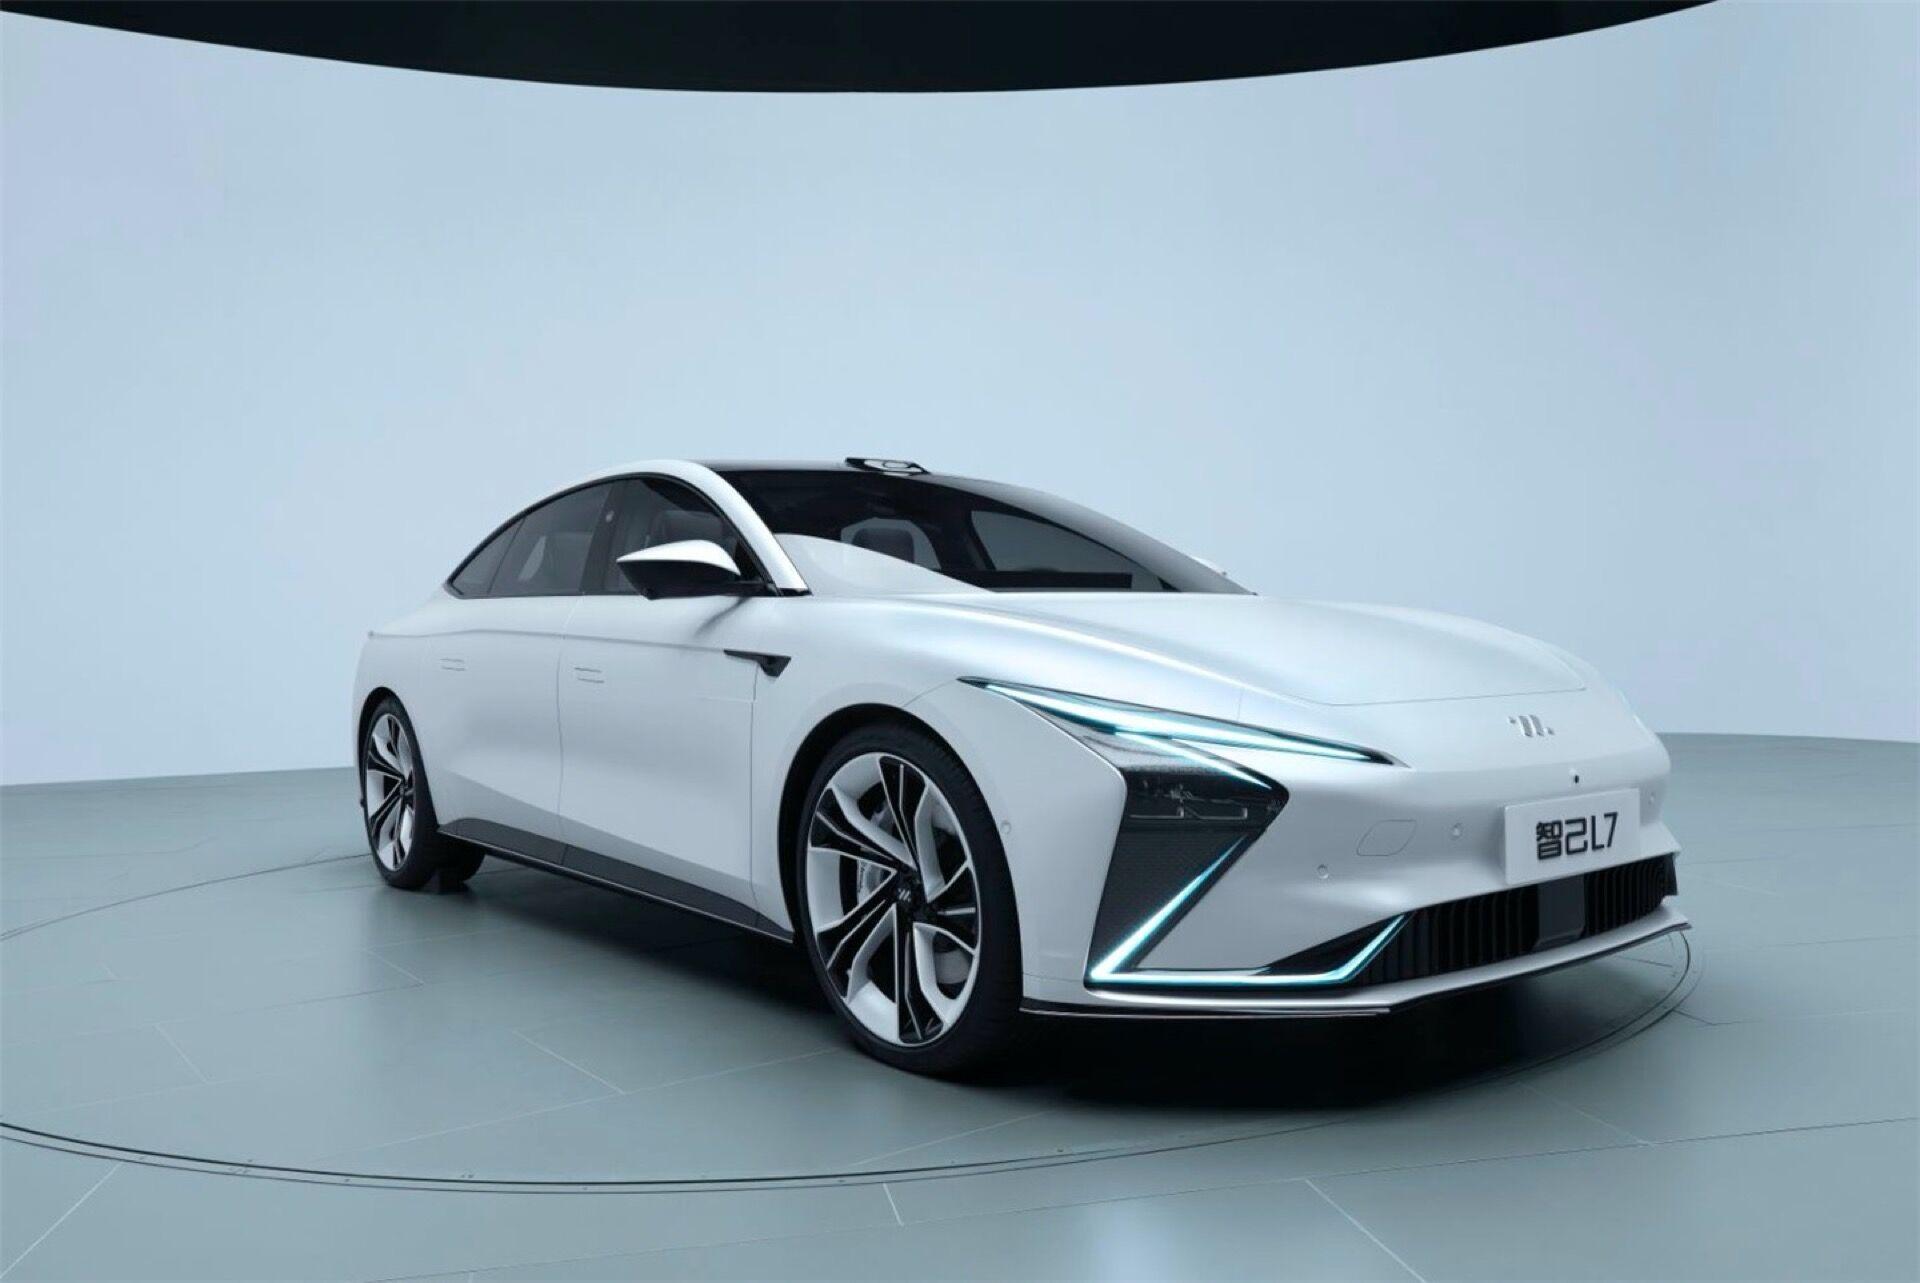 Базовая версия получит АКБ емкостью 93 кВтч, позволяющую преодолевать порядка 615 км